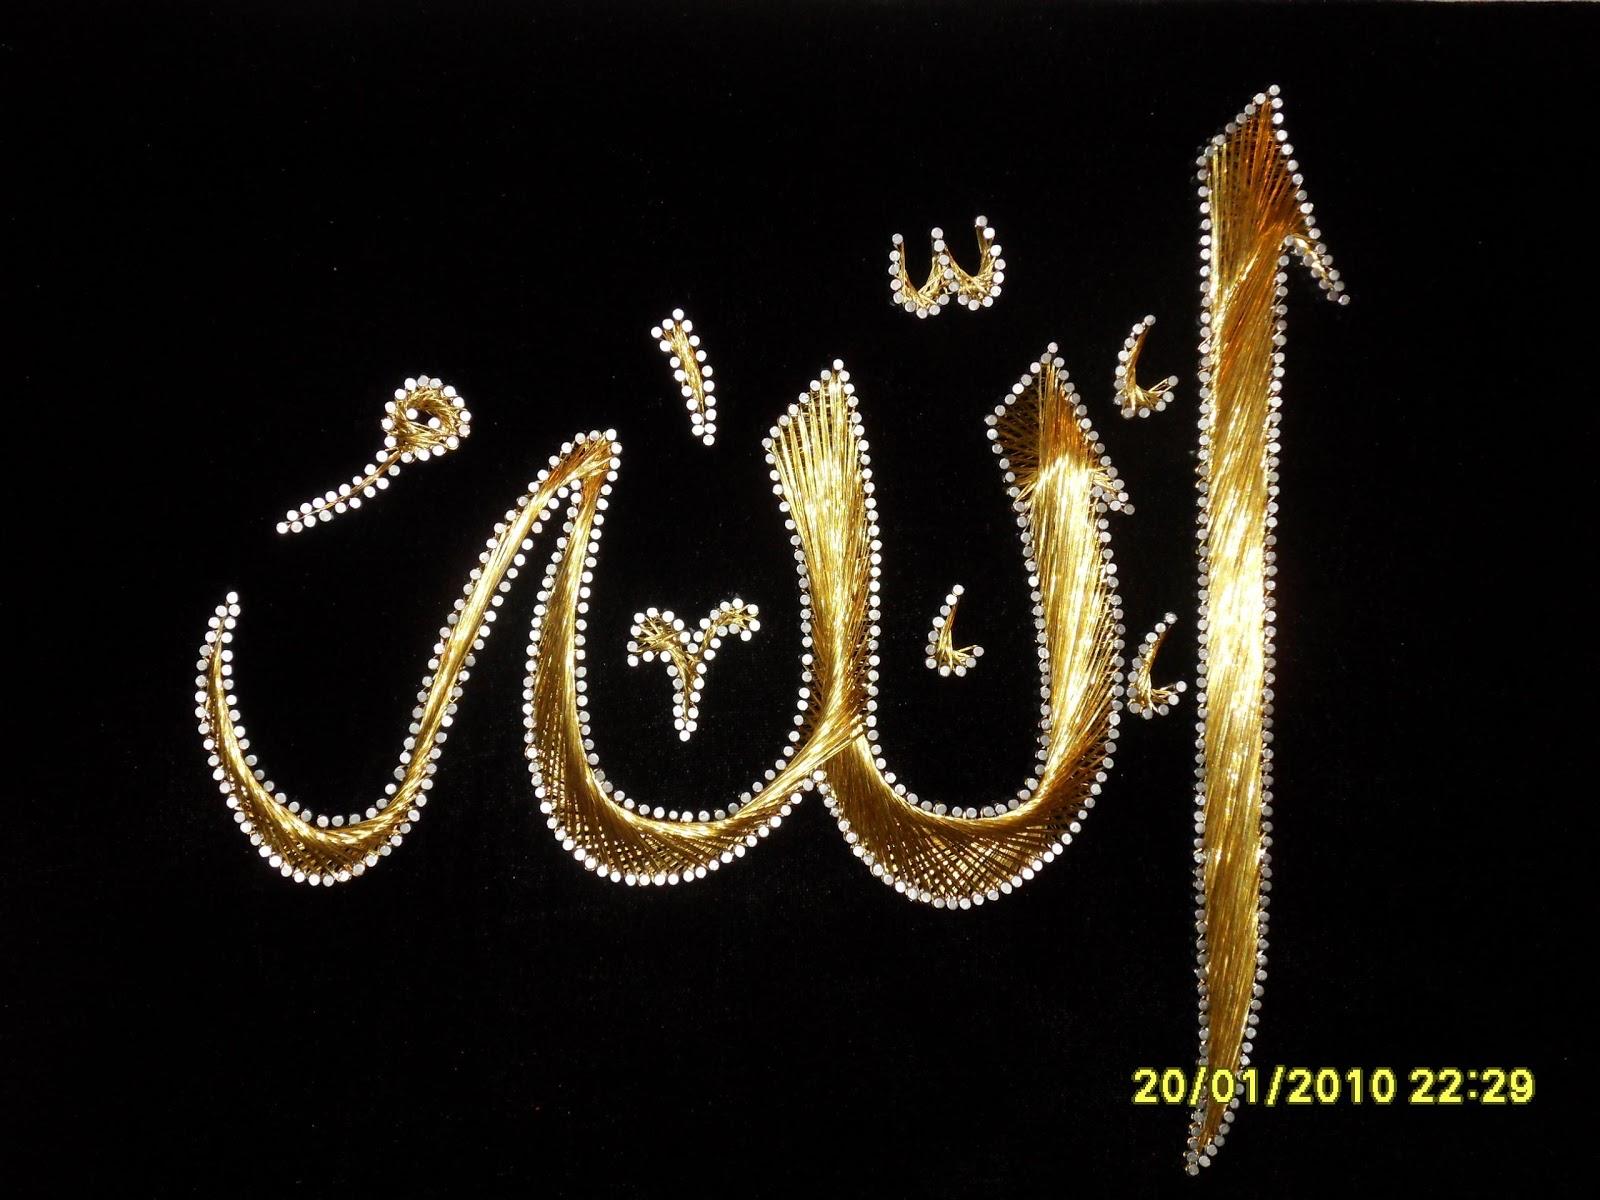 миниатюры подвижны, картинки с названием аллах упоминания или